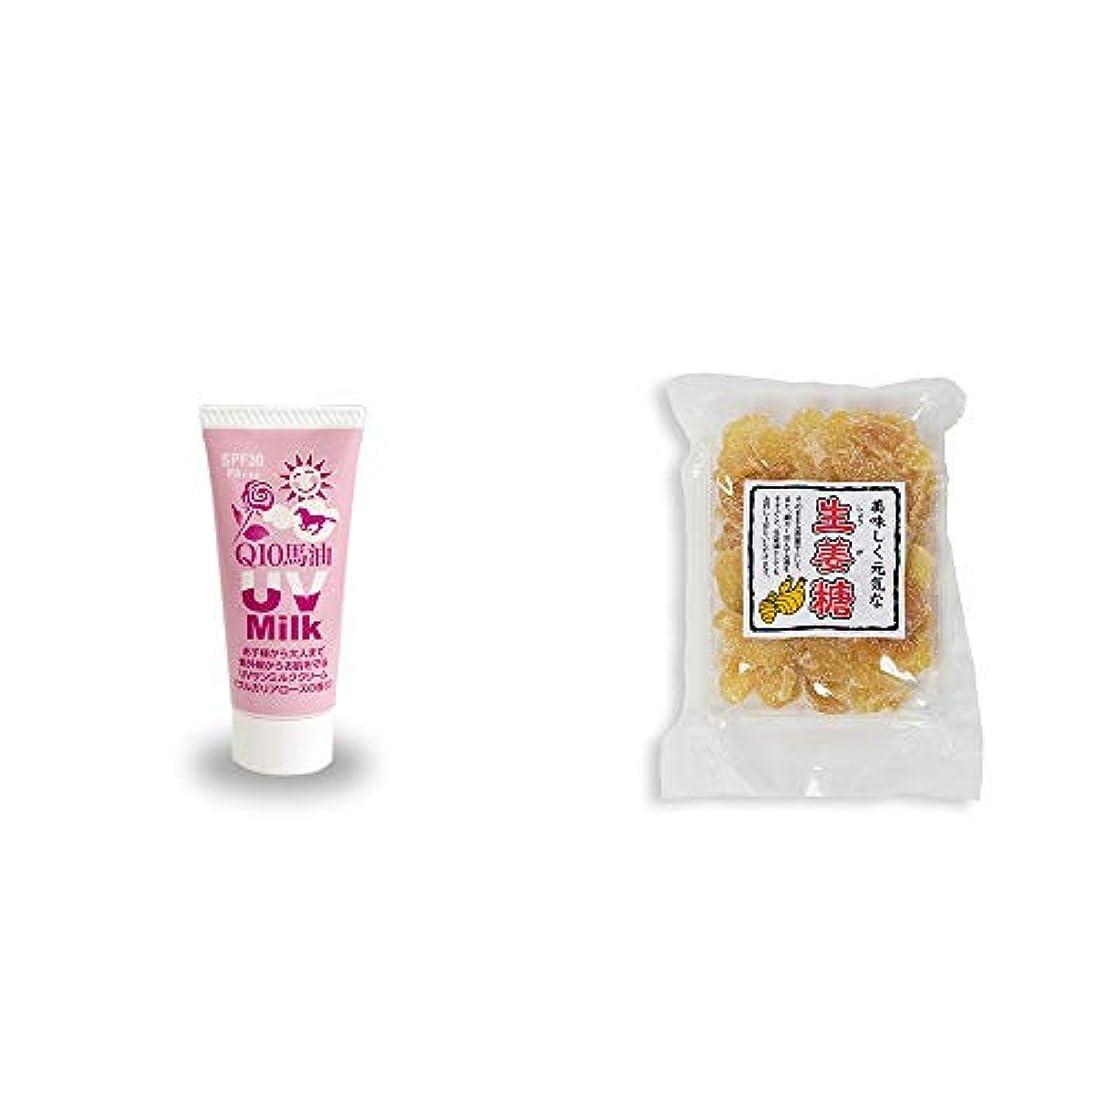 安らぎお風呂を持っている接続詞[2点セット] 炭黒泉 Q10馬油 UVサンミルク[ブルガリアローズ](40g)?生姜糖(230g)